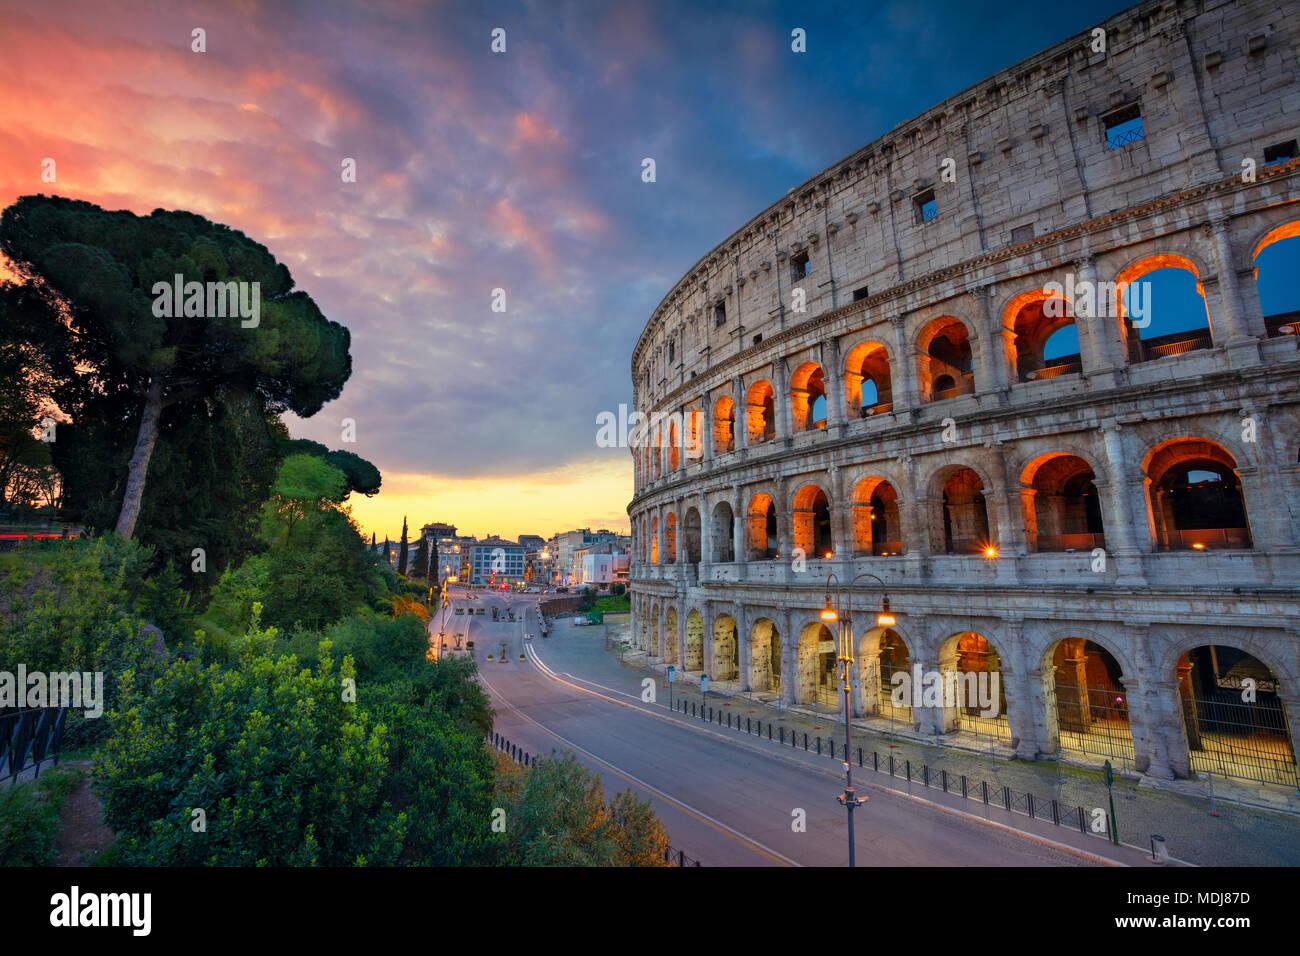 Colisée. Image du célèbre Colisée à Rome, Italie au cours de beau lever de soleil. Photo Stock